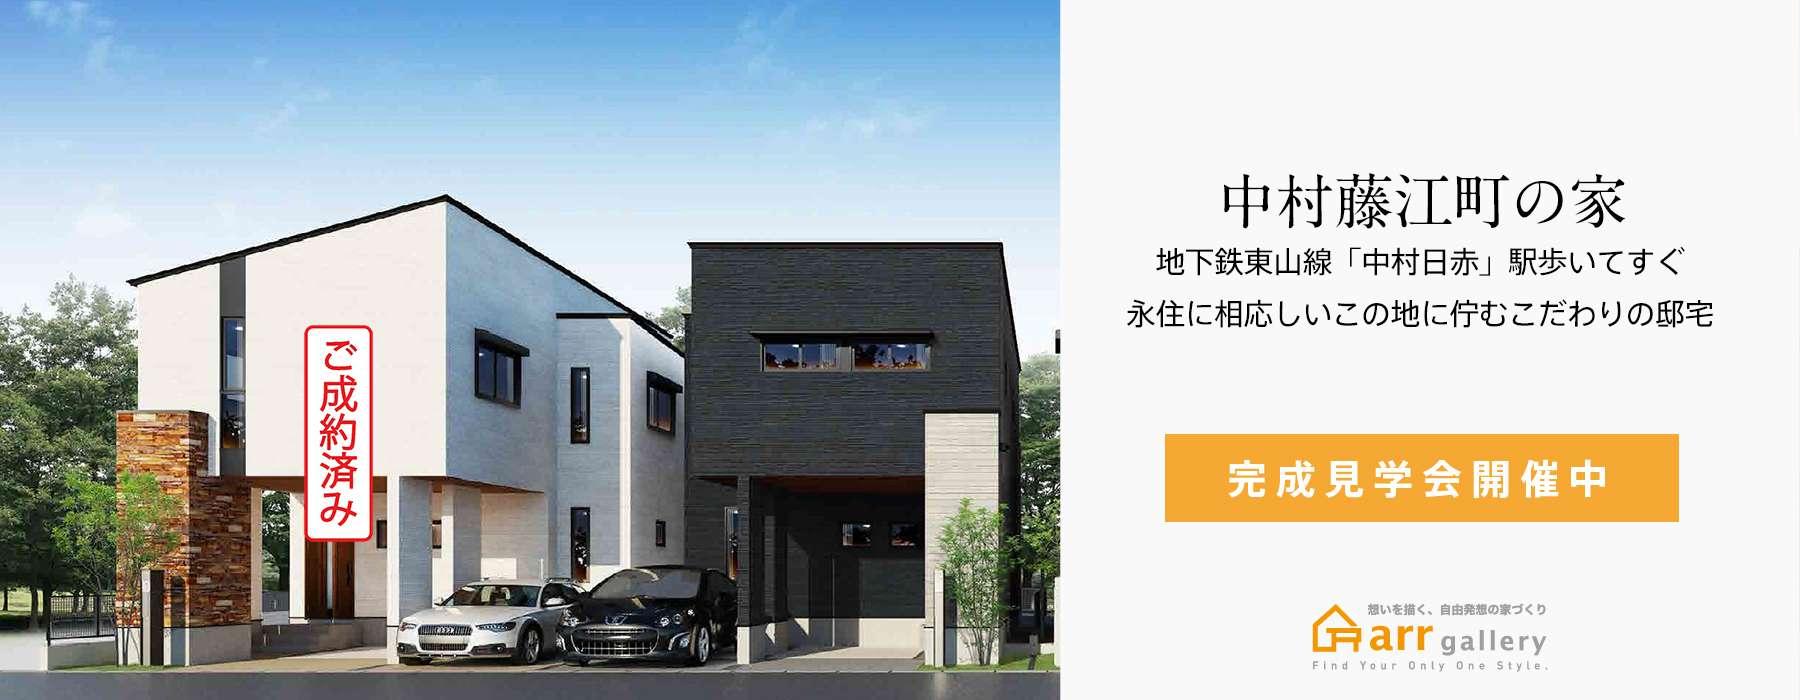 中村藤江町の家